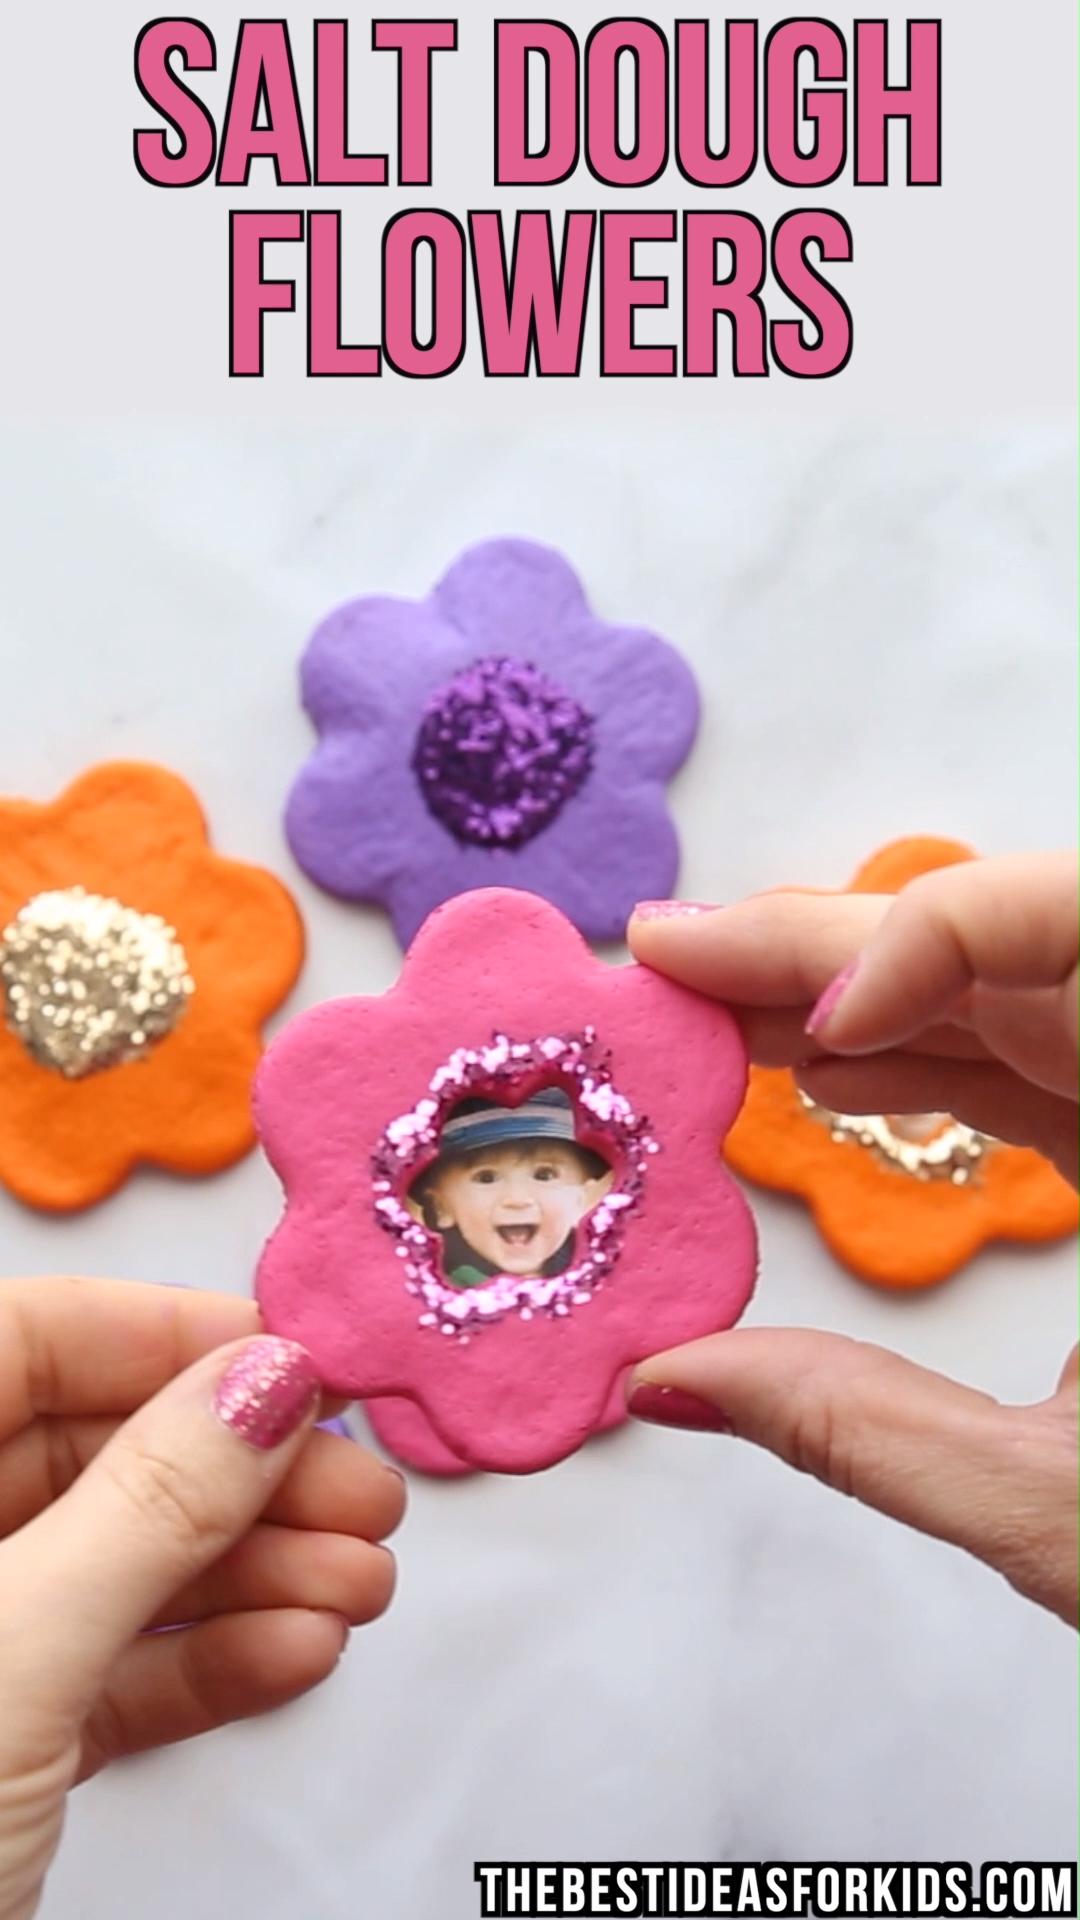 SALT DOUGH FLOWER MAGNETS ????????️ #giftideas